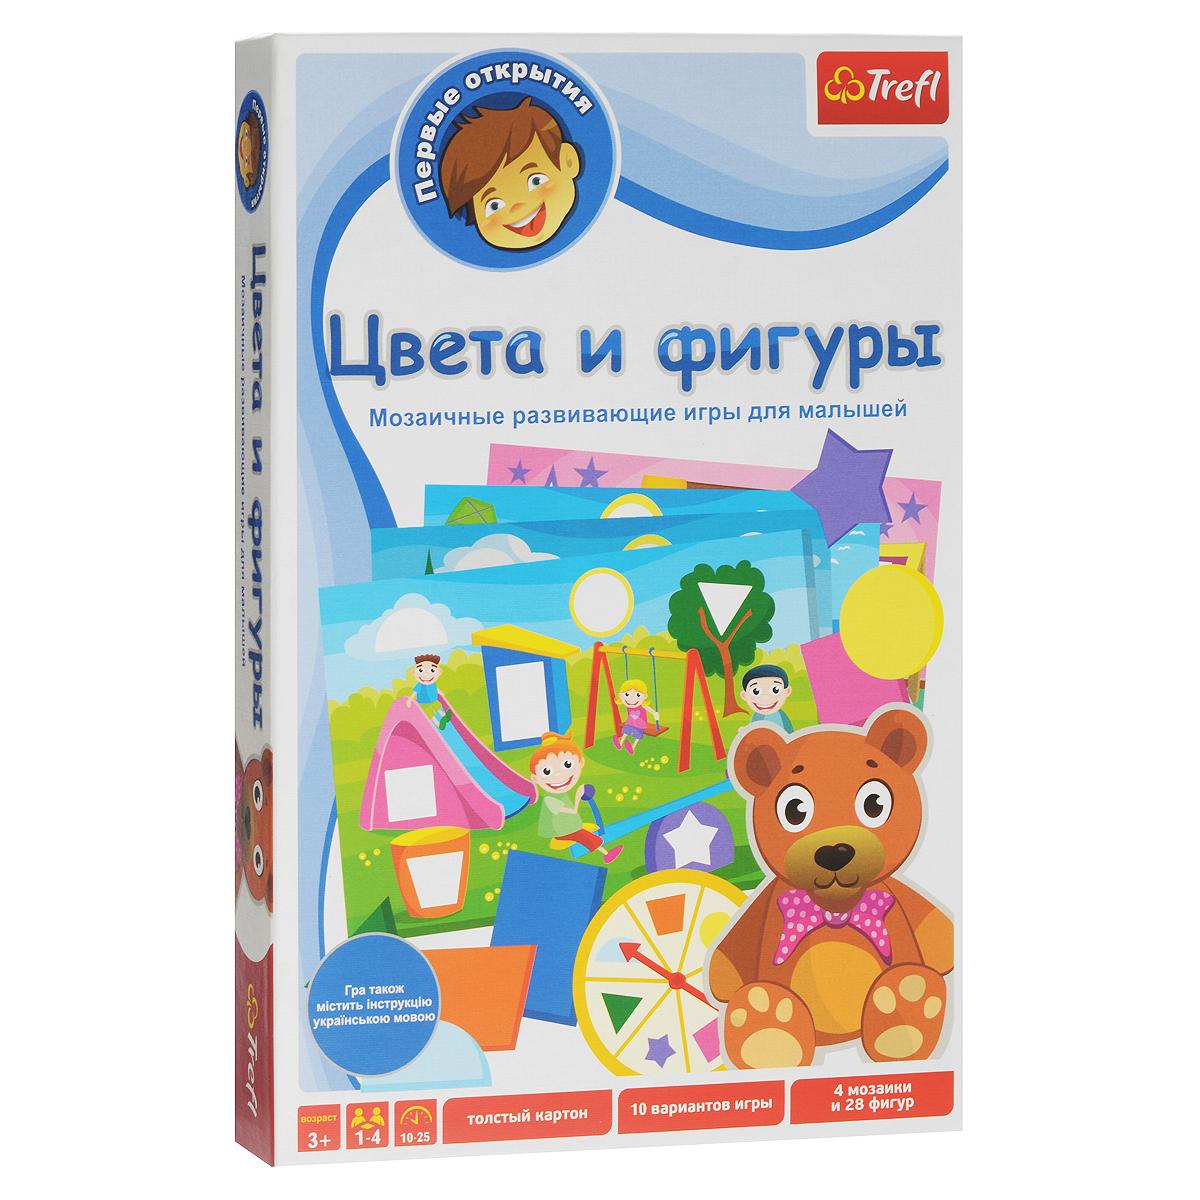 Развивающая игра Trefl Цвета и фигуры01106TРазвивающая игра Trefl Цвета и фигуры - это увлекательная игра для малышей от 3 лет, которая поможет познакомиться с основными цветами и фигурами, и овладеть навыками, необходимыми малышам перед школой. В комплект входят 4 мозаики (пляж, поезд, детская комната, игровая площадка) и 28 разноцветных фигур, с которыми можно провести 10 различных вариантов игры. Попробуйте собрать мозаики из предложенных фигур. Когда малыш справится с этим заданием, разделяйте фигуры по признакам - цвету и форме. Из них можно складывать различные узоры, искать цвета и формы на скорость, и многое другое. Элементы игры выполнены из плотного картона, они прочные, качественные и долговечные. Это простая, но невероятно увлекательная игра, которая гарантирует детям массу позитивных эмоций и заряд хорошего настроения. Она способствует развитию творческого мышления, познавательных навыков, фантазии и внимательности ребенка в веселой игровой форме.